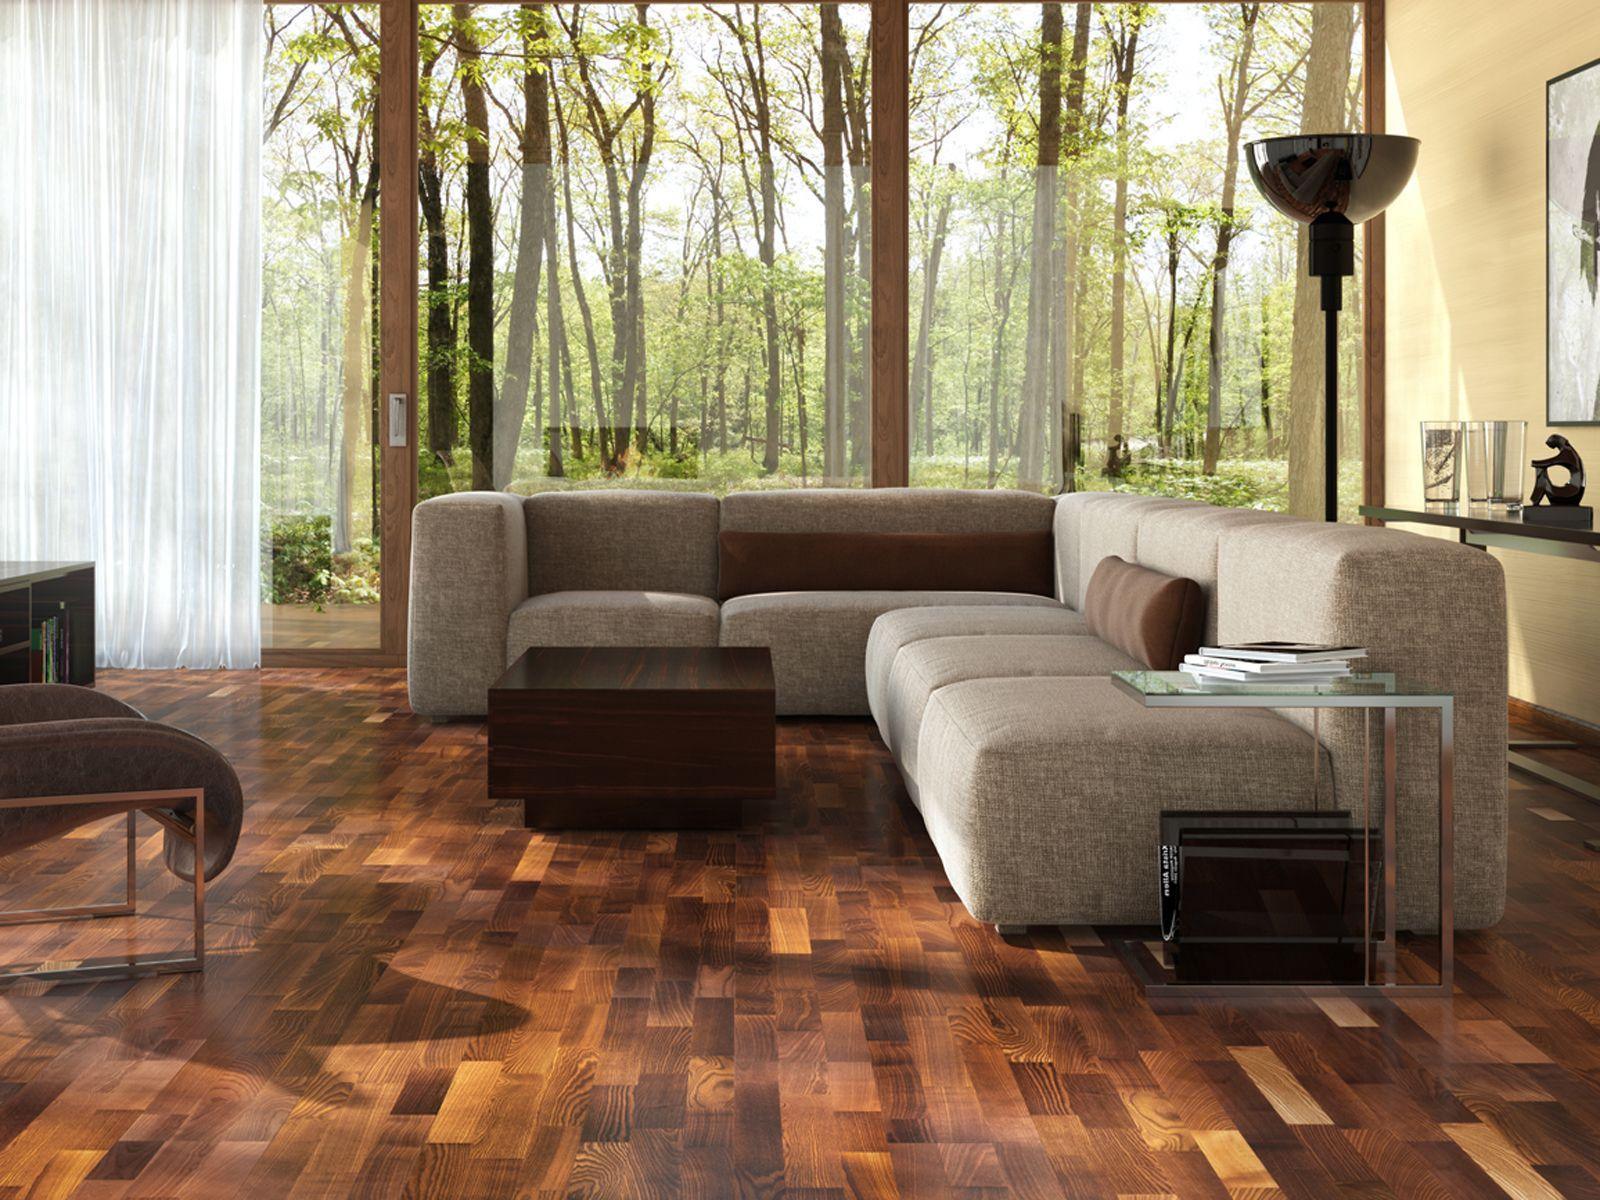 Idee per arredare il salotto con il parquet scuro in legno